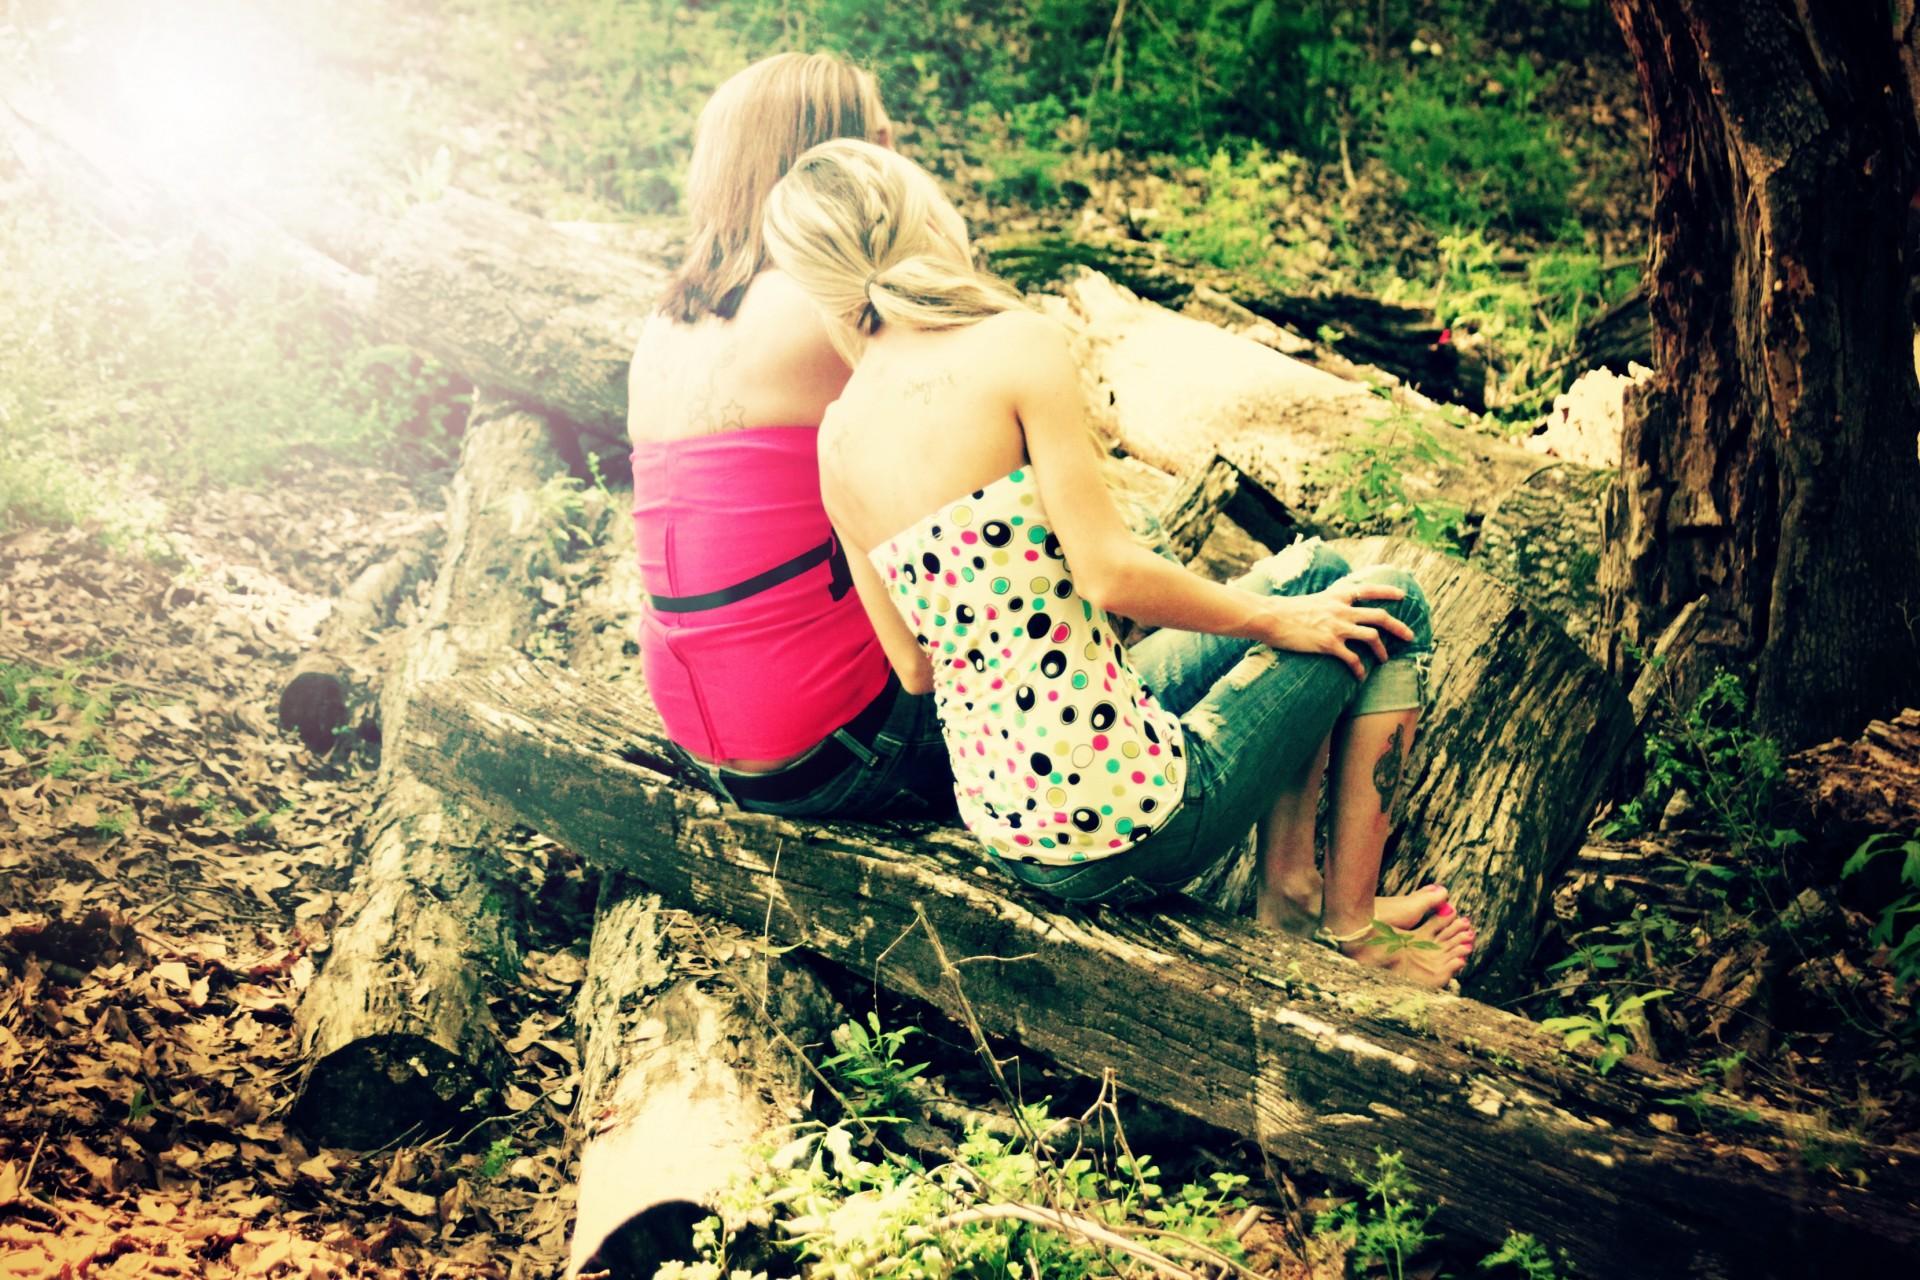 najpiękniejsze cytaty o przyjaźni